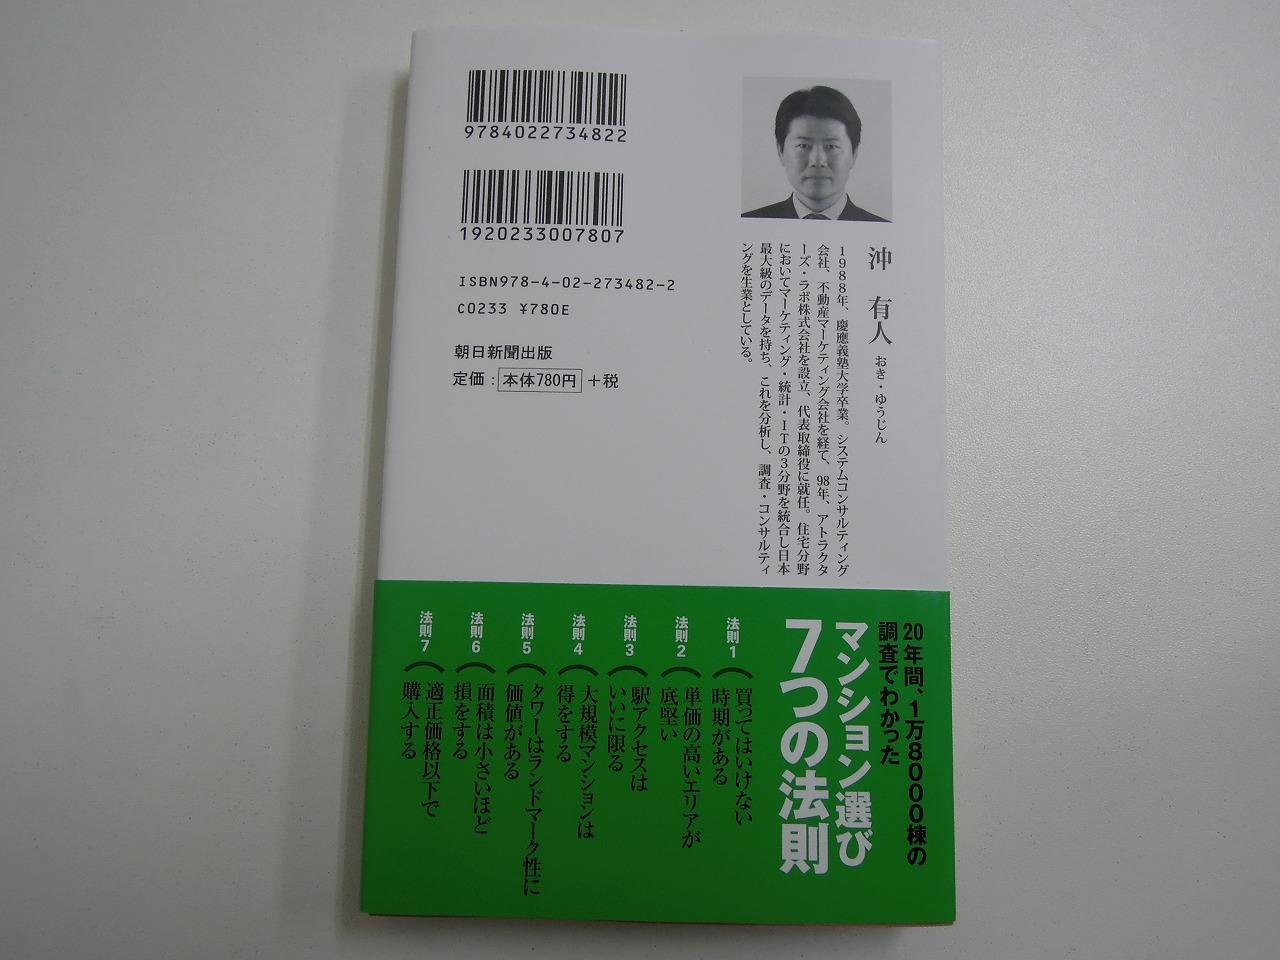 Sdscn3280